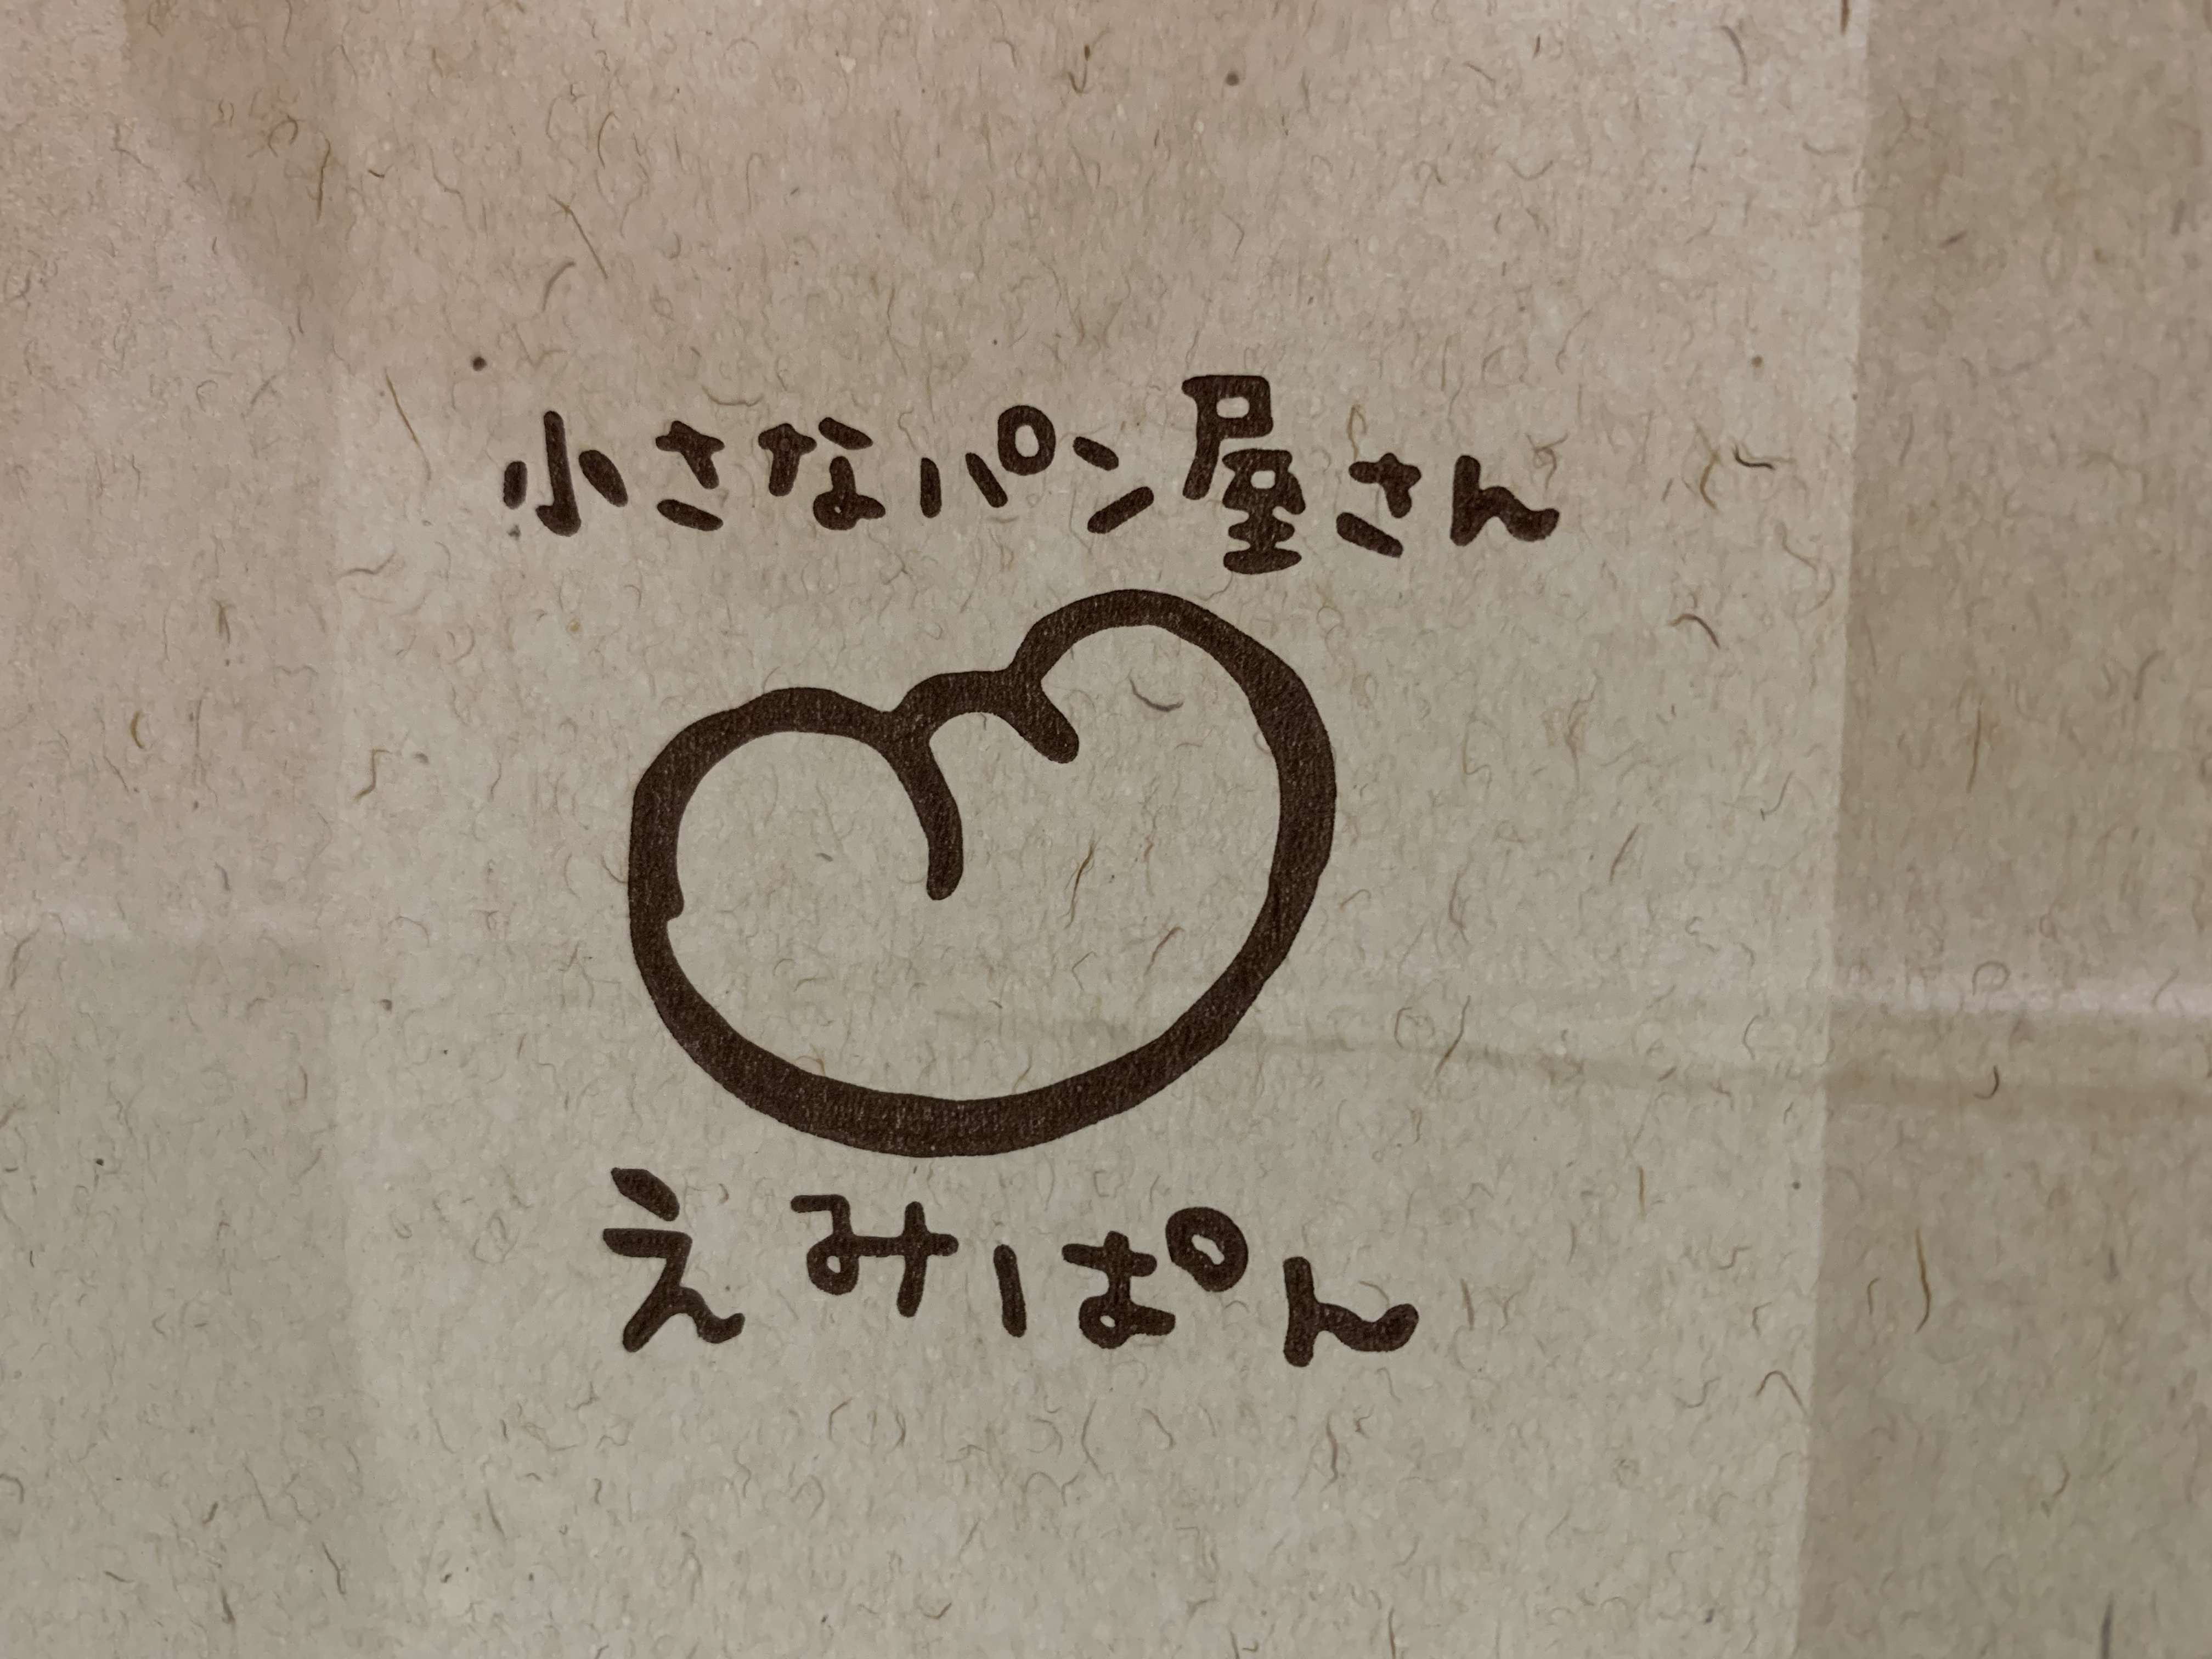 益子のパン屋さん|えみぱんのおすすめメニューをご紹介!